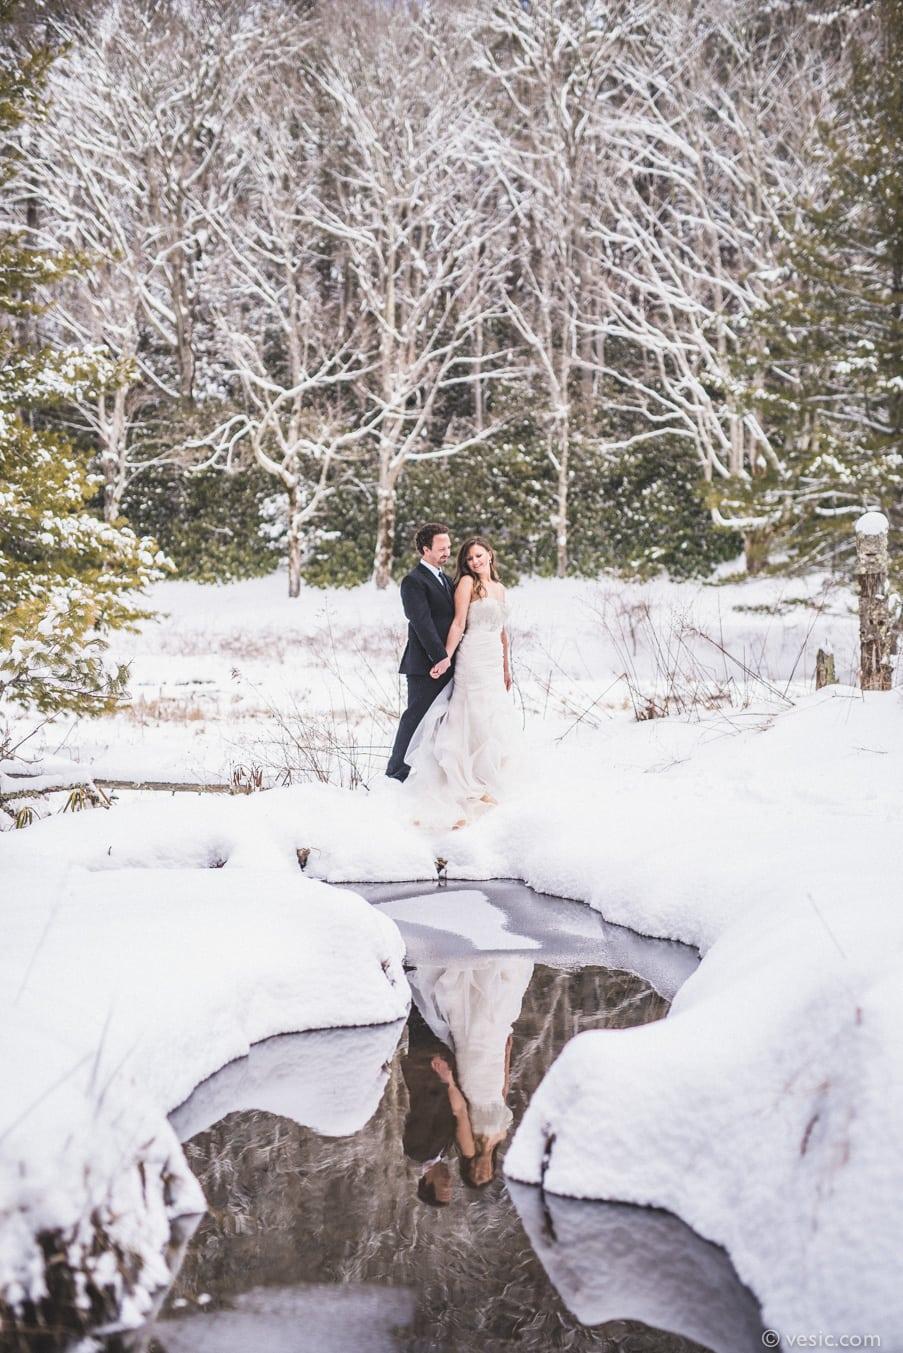 Wedding Snow Mountains 07